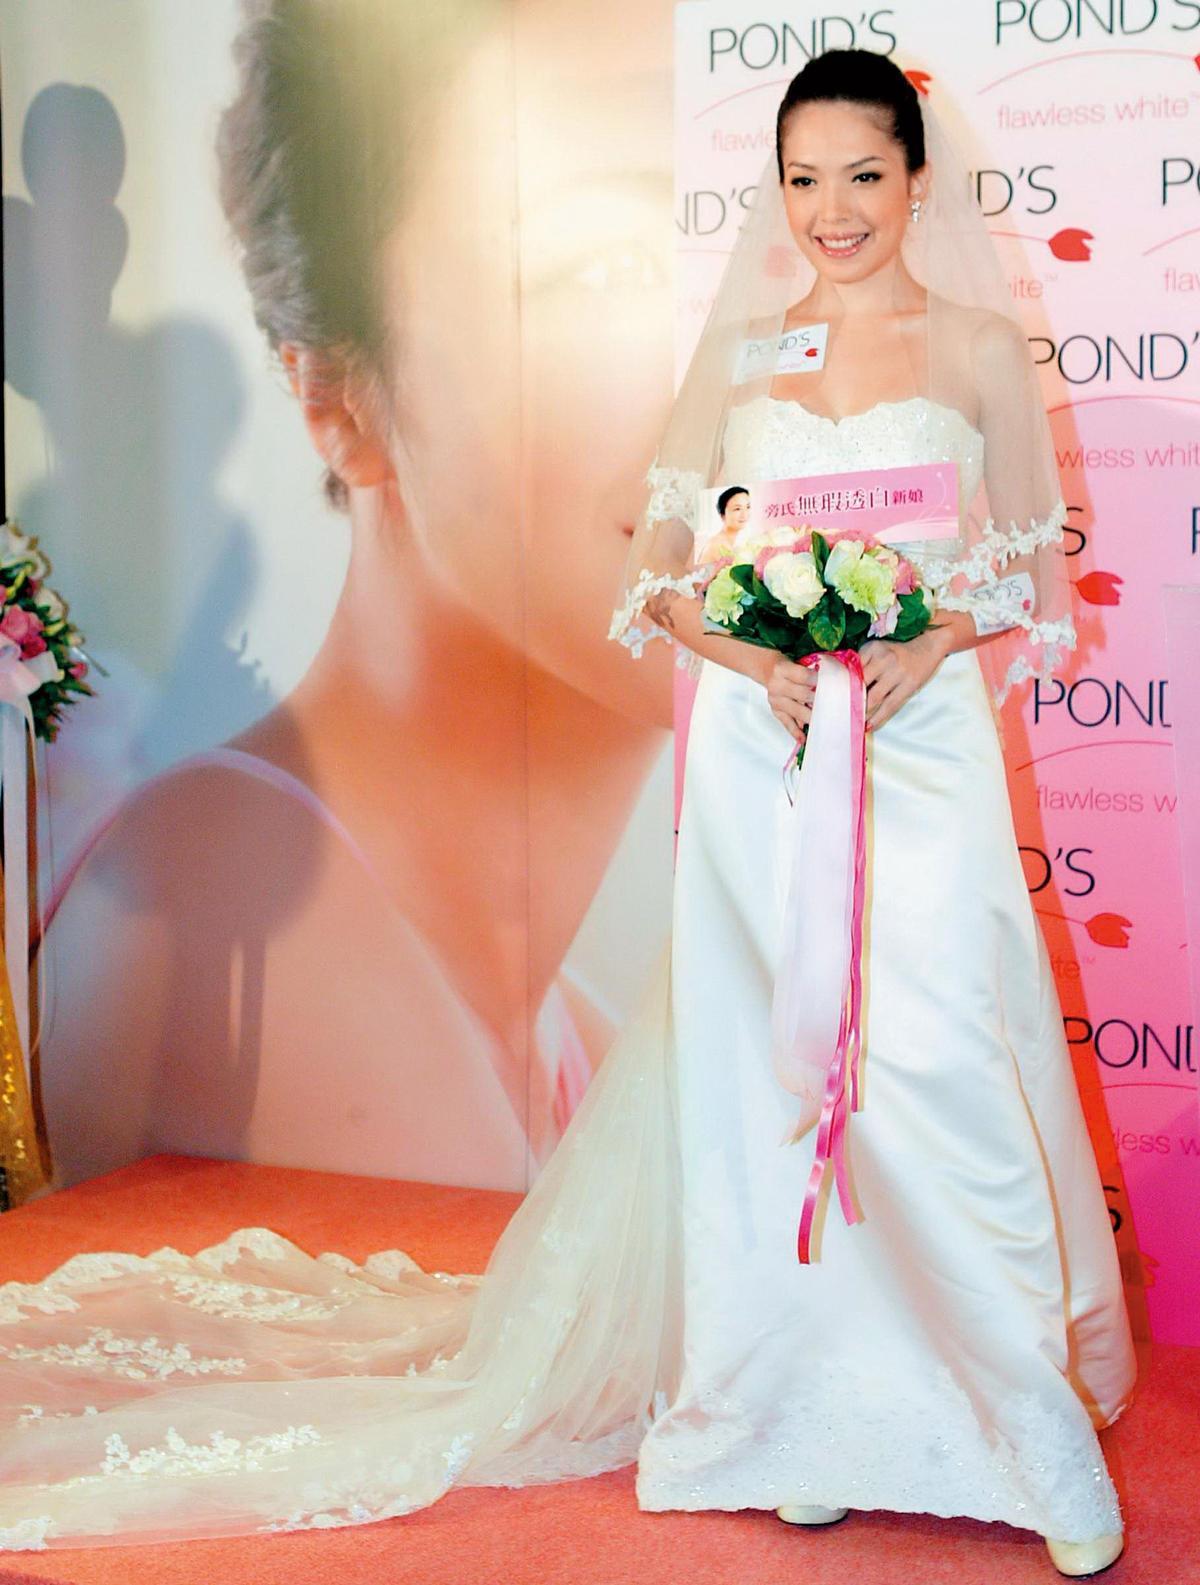 早年許瑋甯就已預習穿過新娘禮服,當時她的話題都圍繞在跟小天的戀情上頭,2人一度論及婚嫁,但後來男方不斷劈腿而分手。(東方IC)